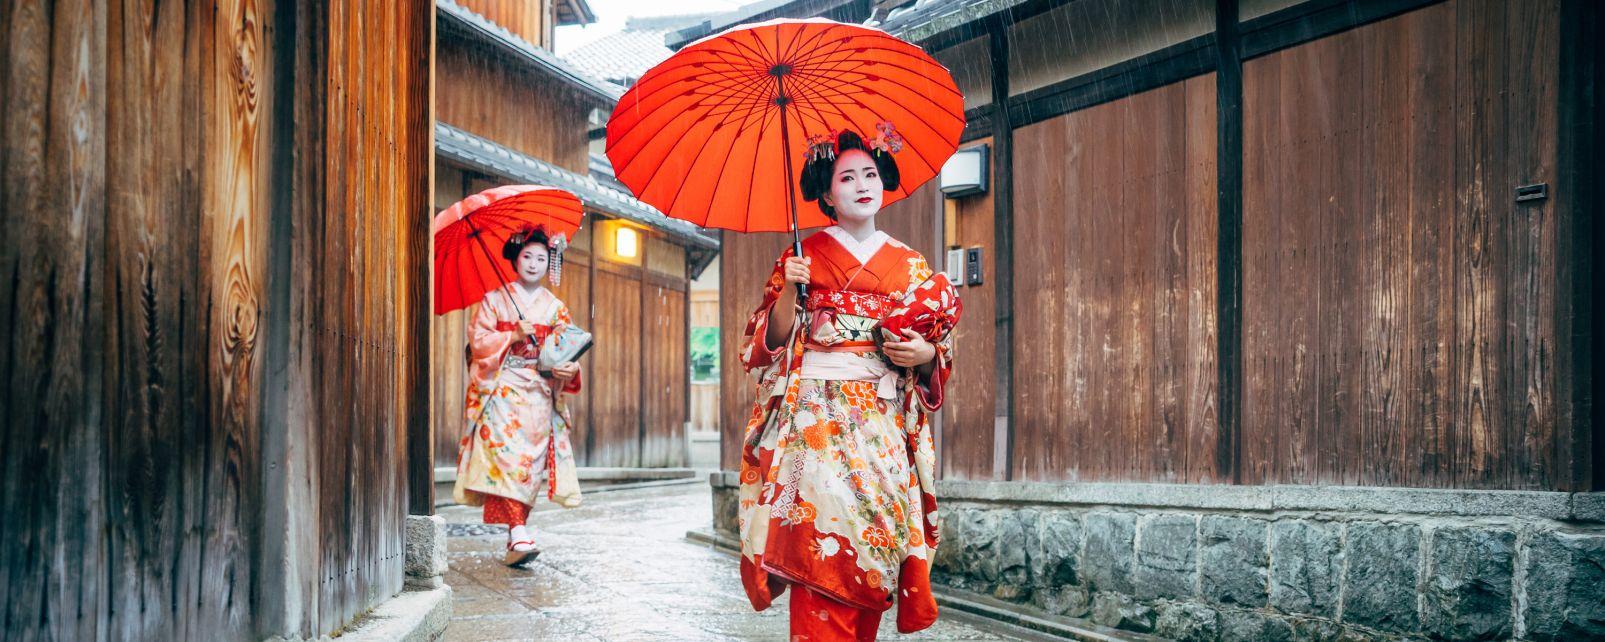 kyoto quartier des geishas gion japon